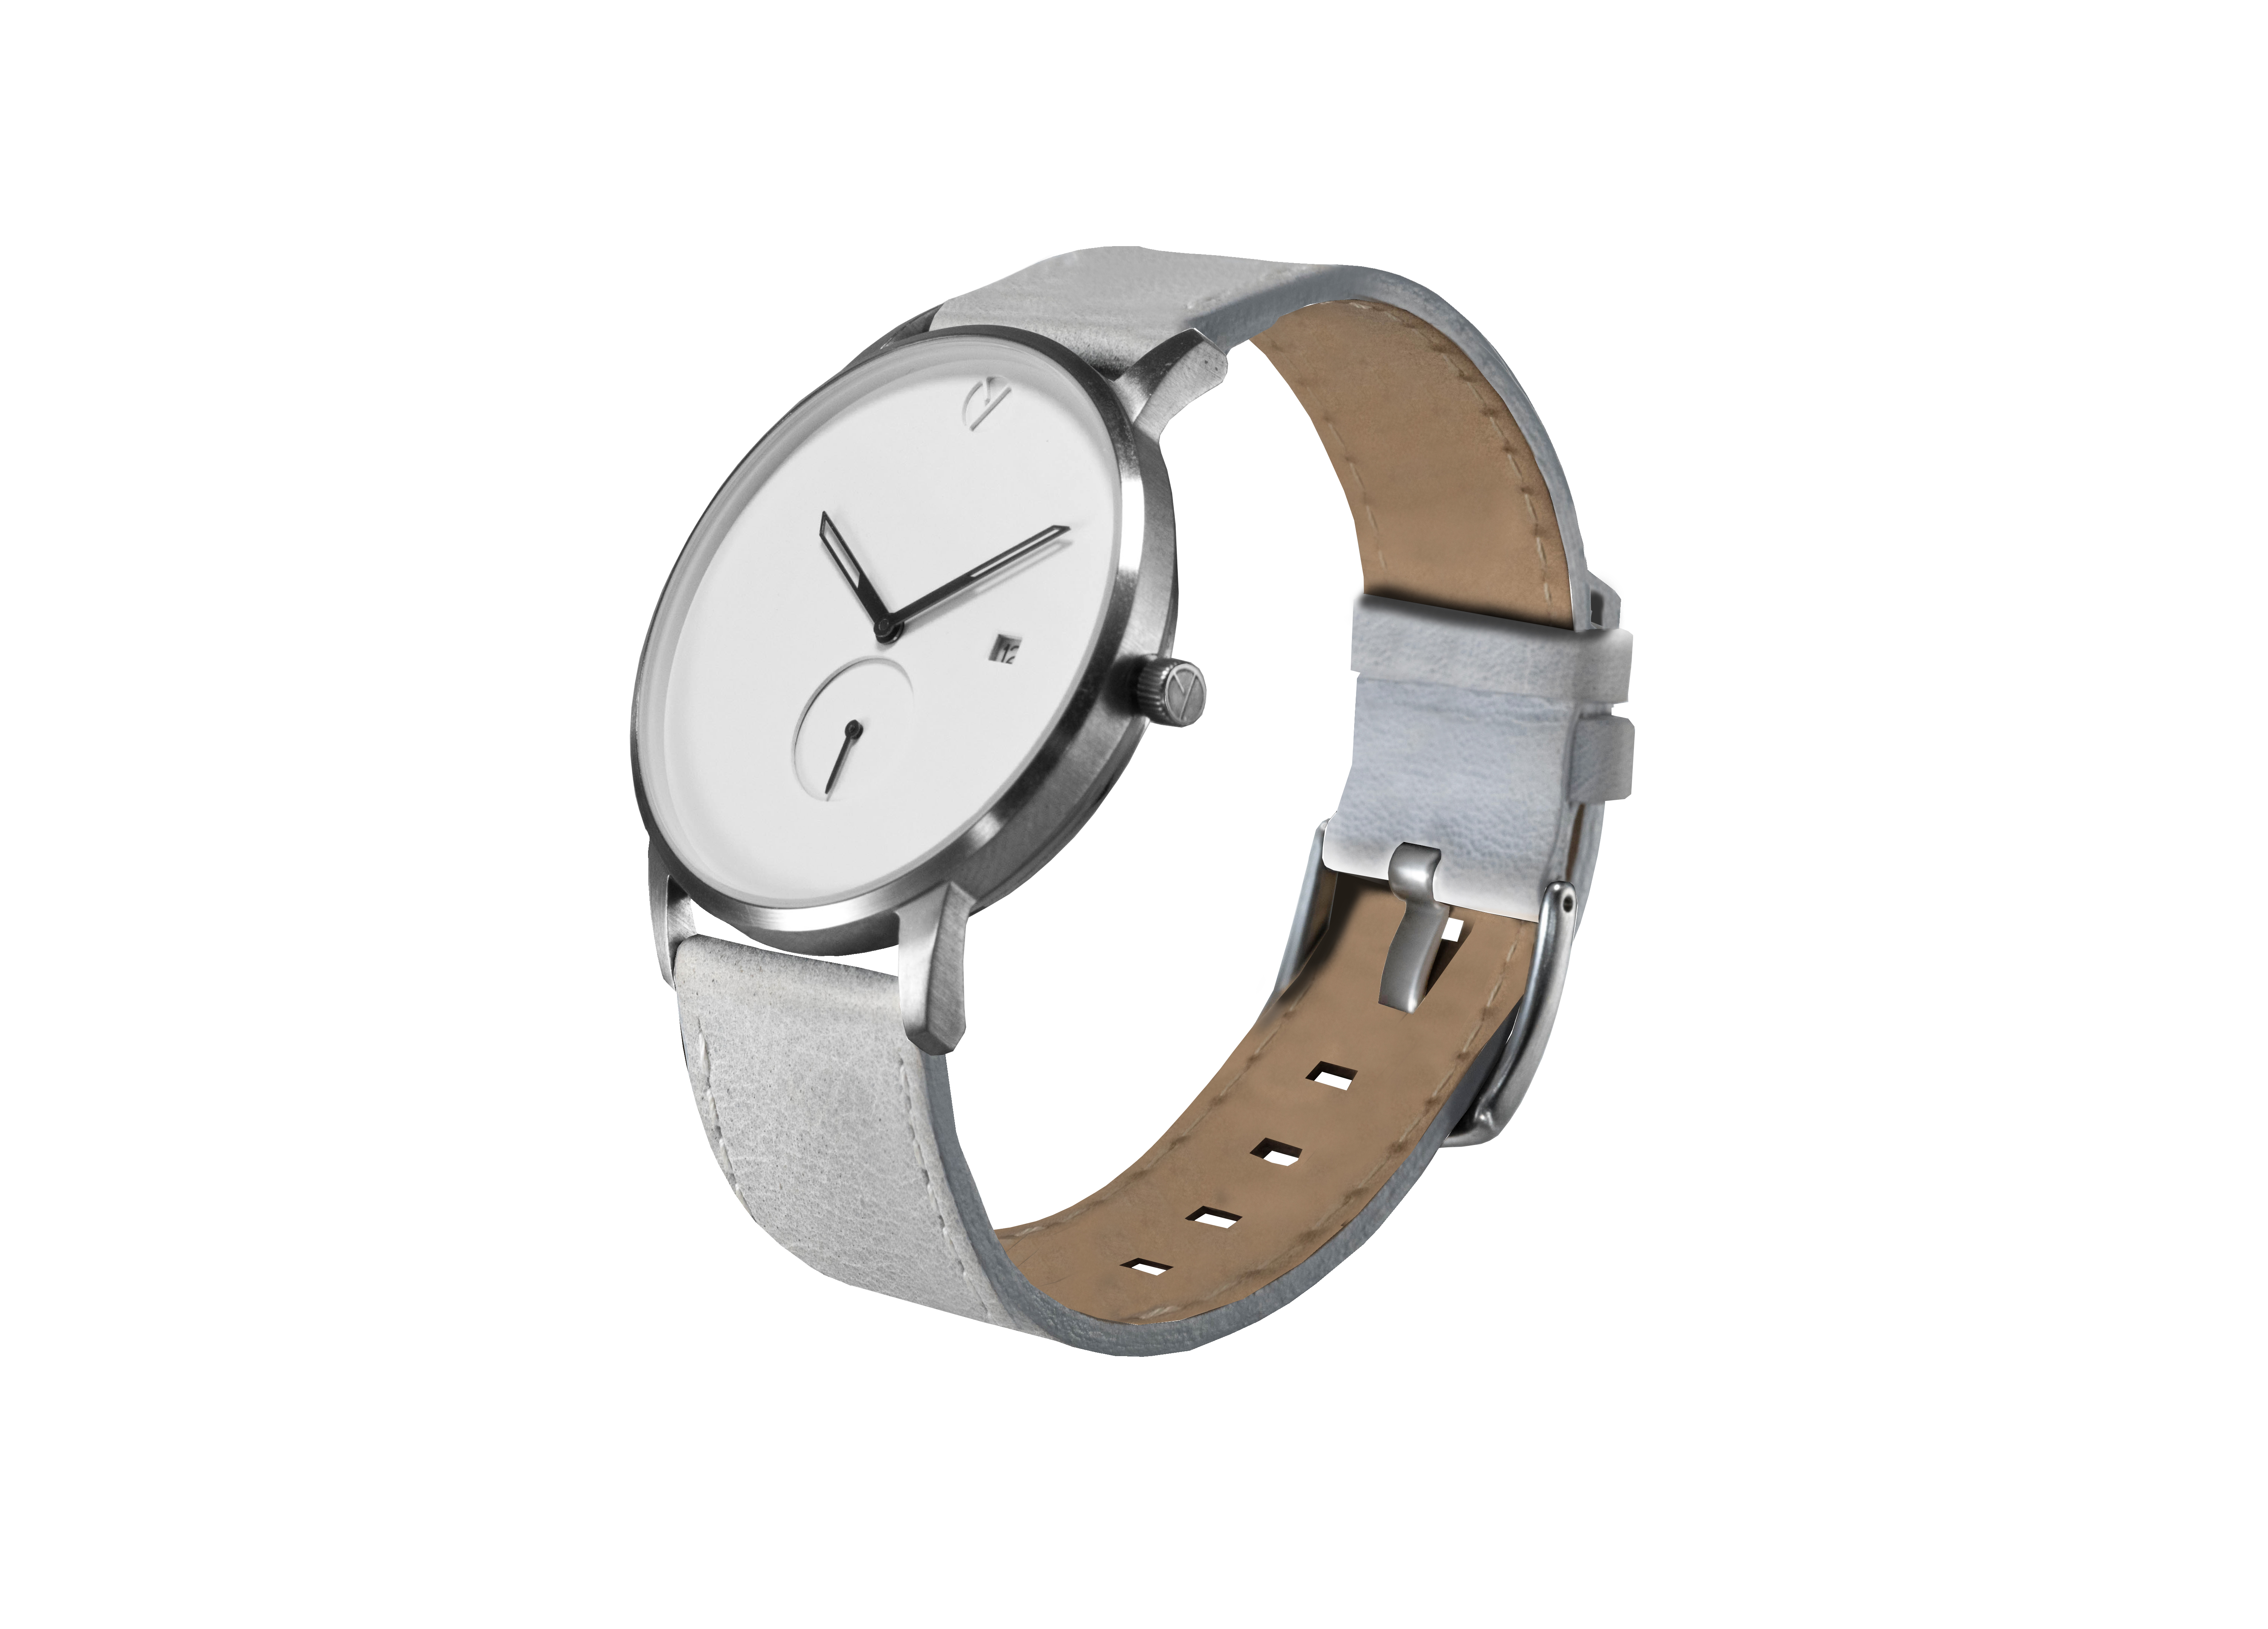 Modernist silver / grey watch